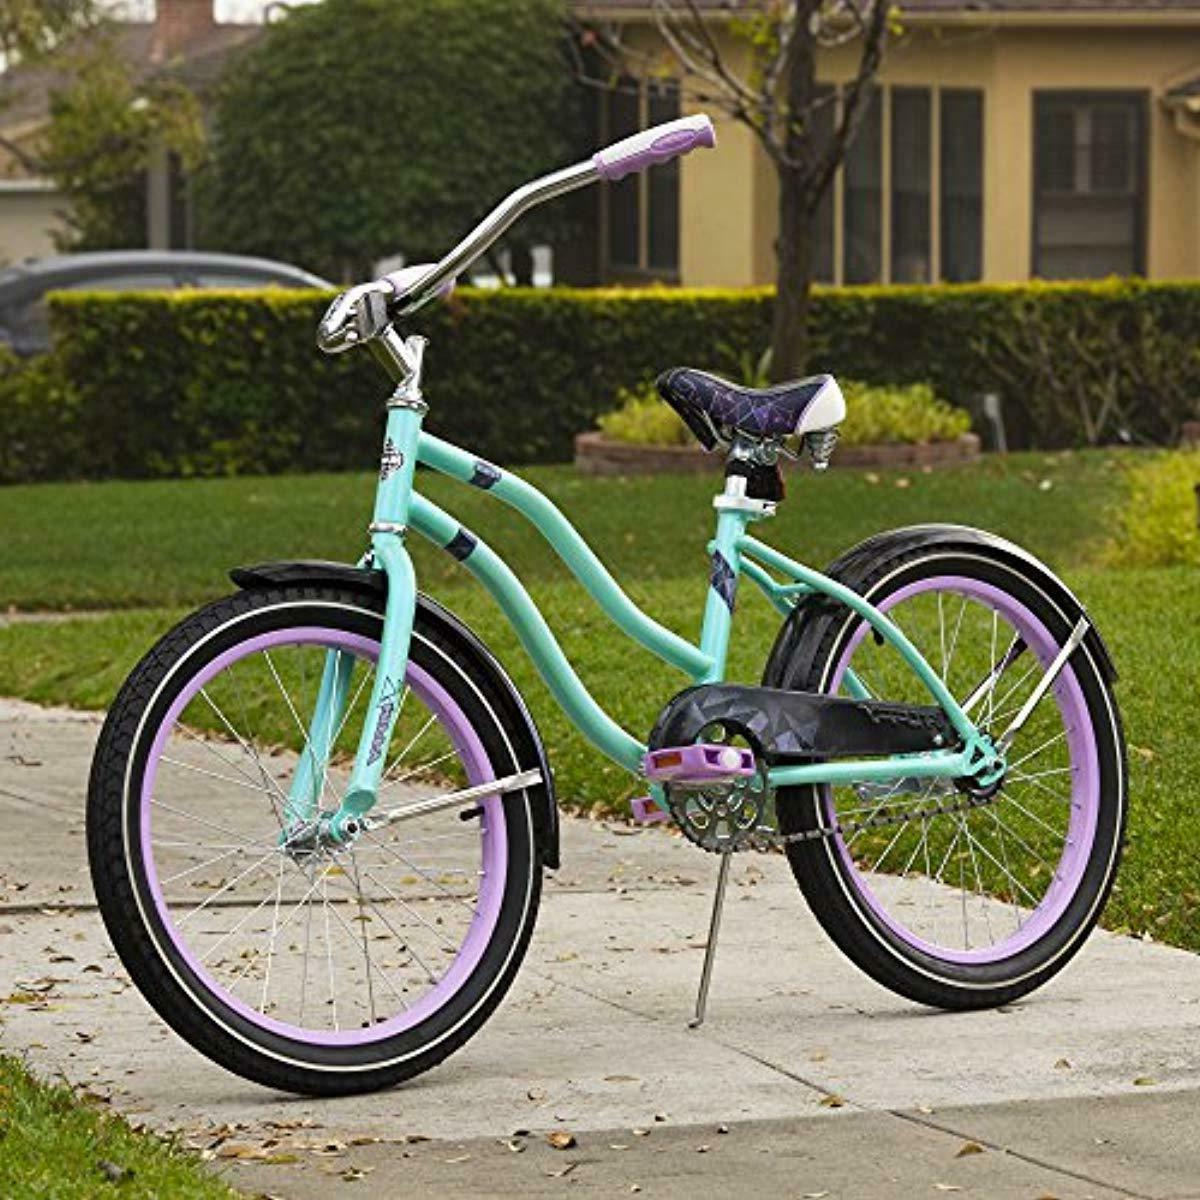 Huffy Kids Cruiser Bike Girls, 20 inch, Teal